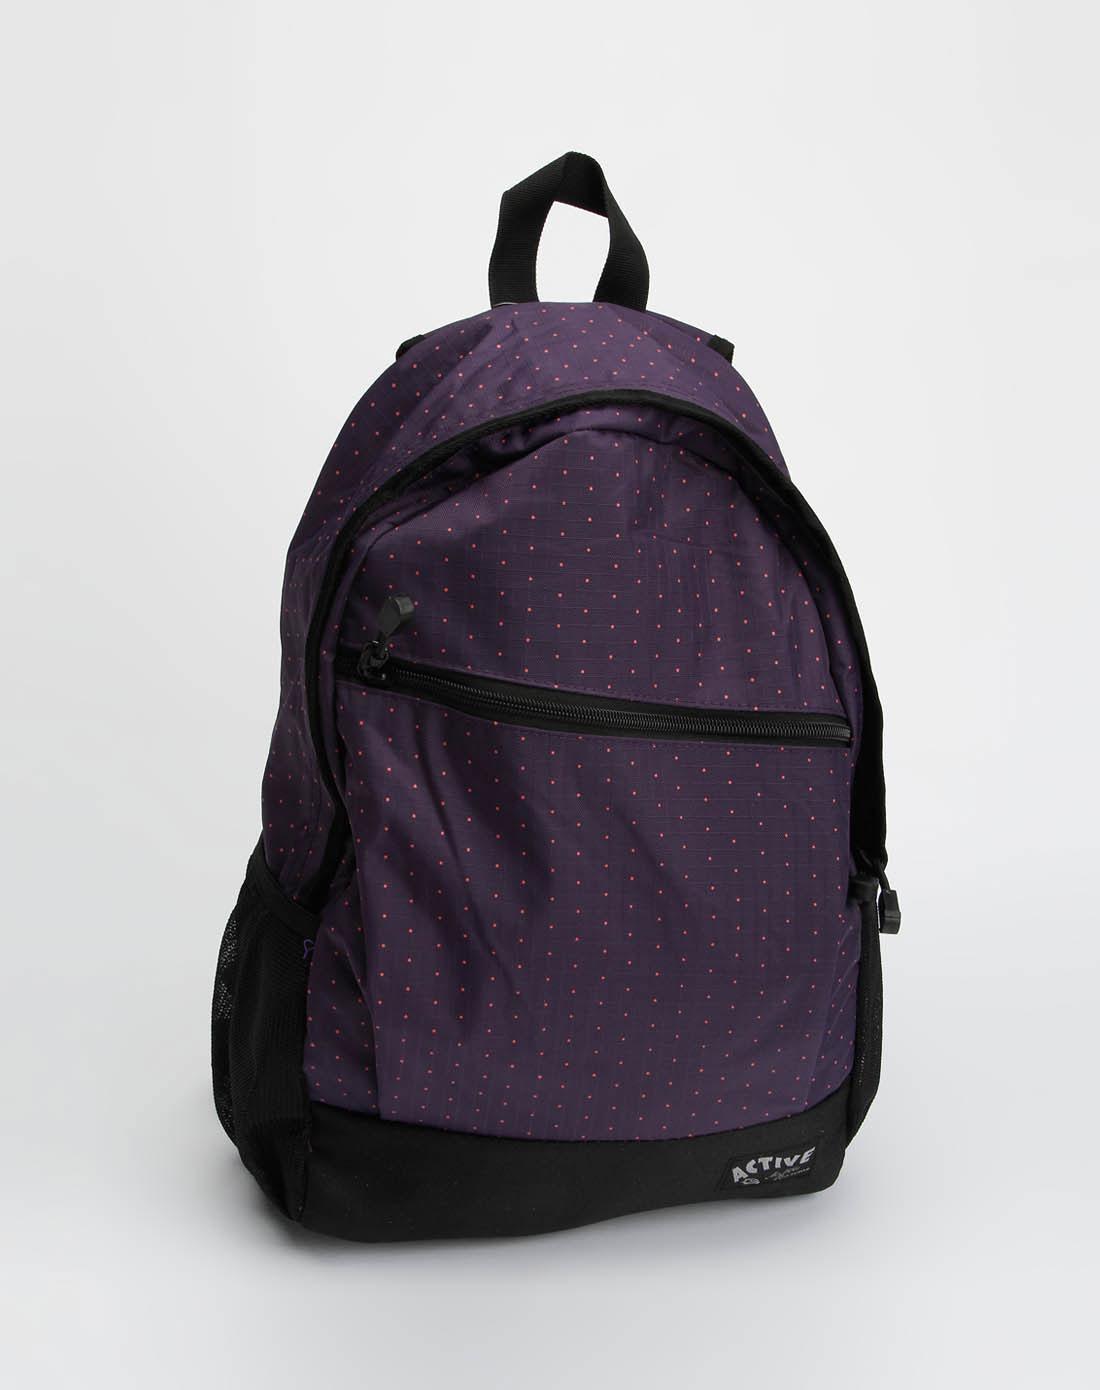 美特斯邦威metersbonwe男女装女款紫色双肩背包